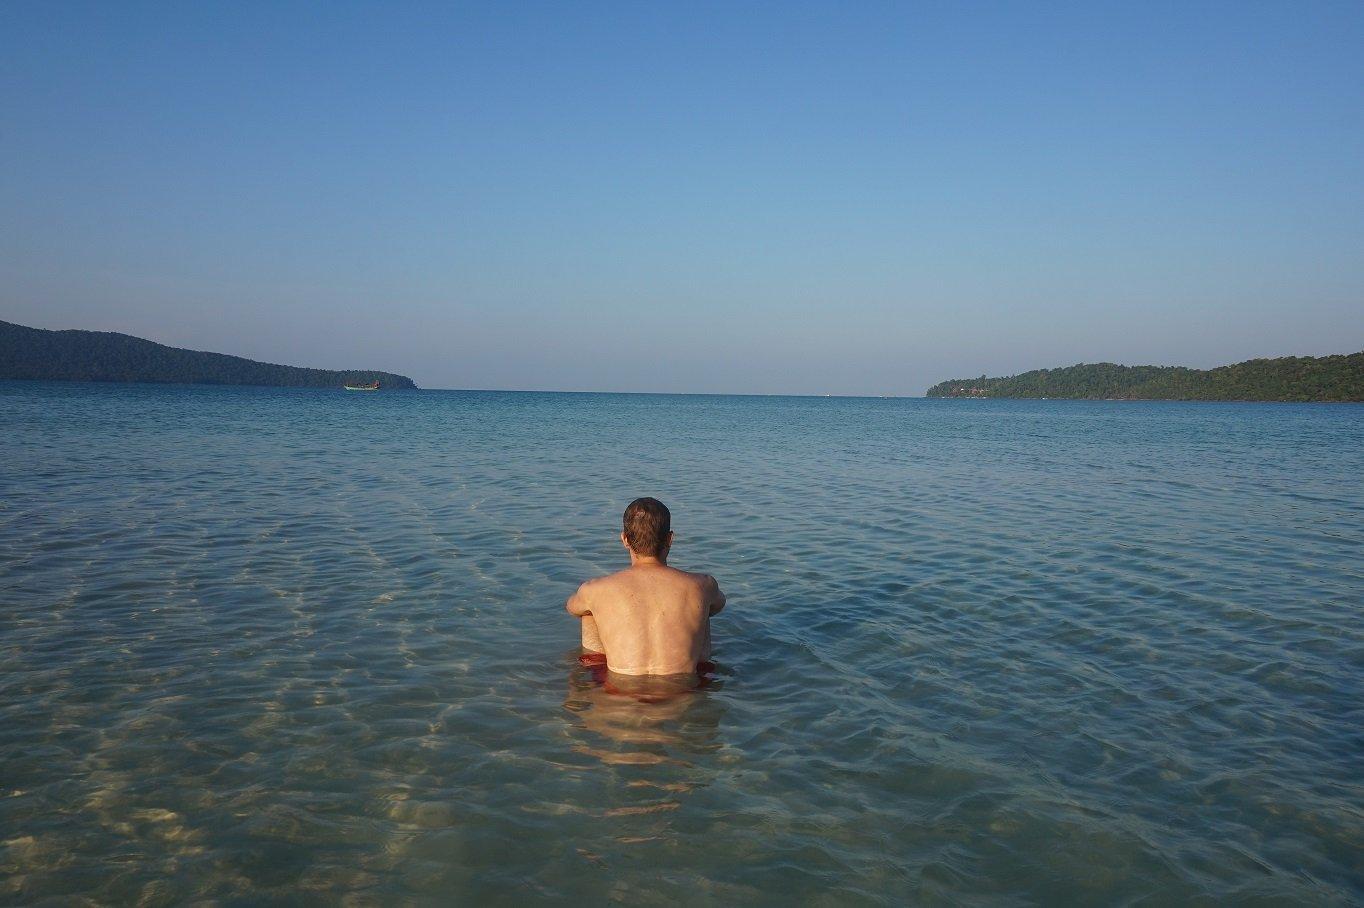 chilling in cambodia